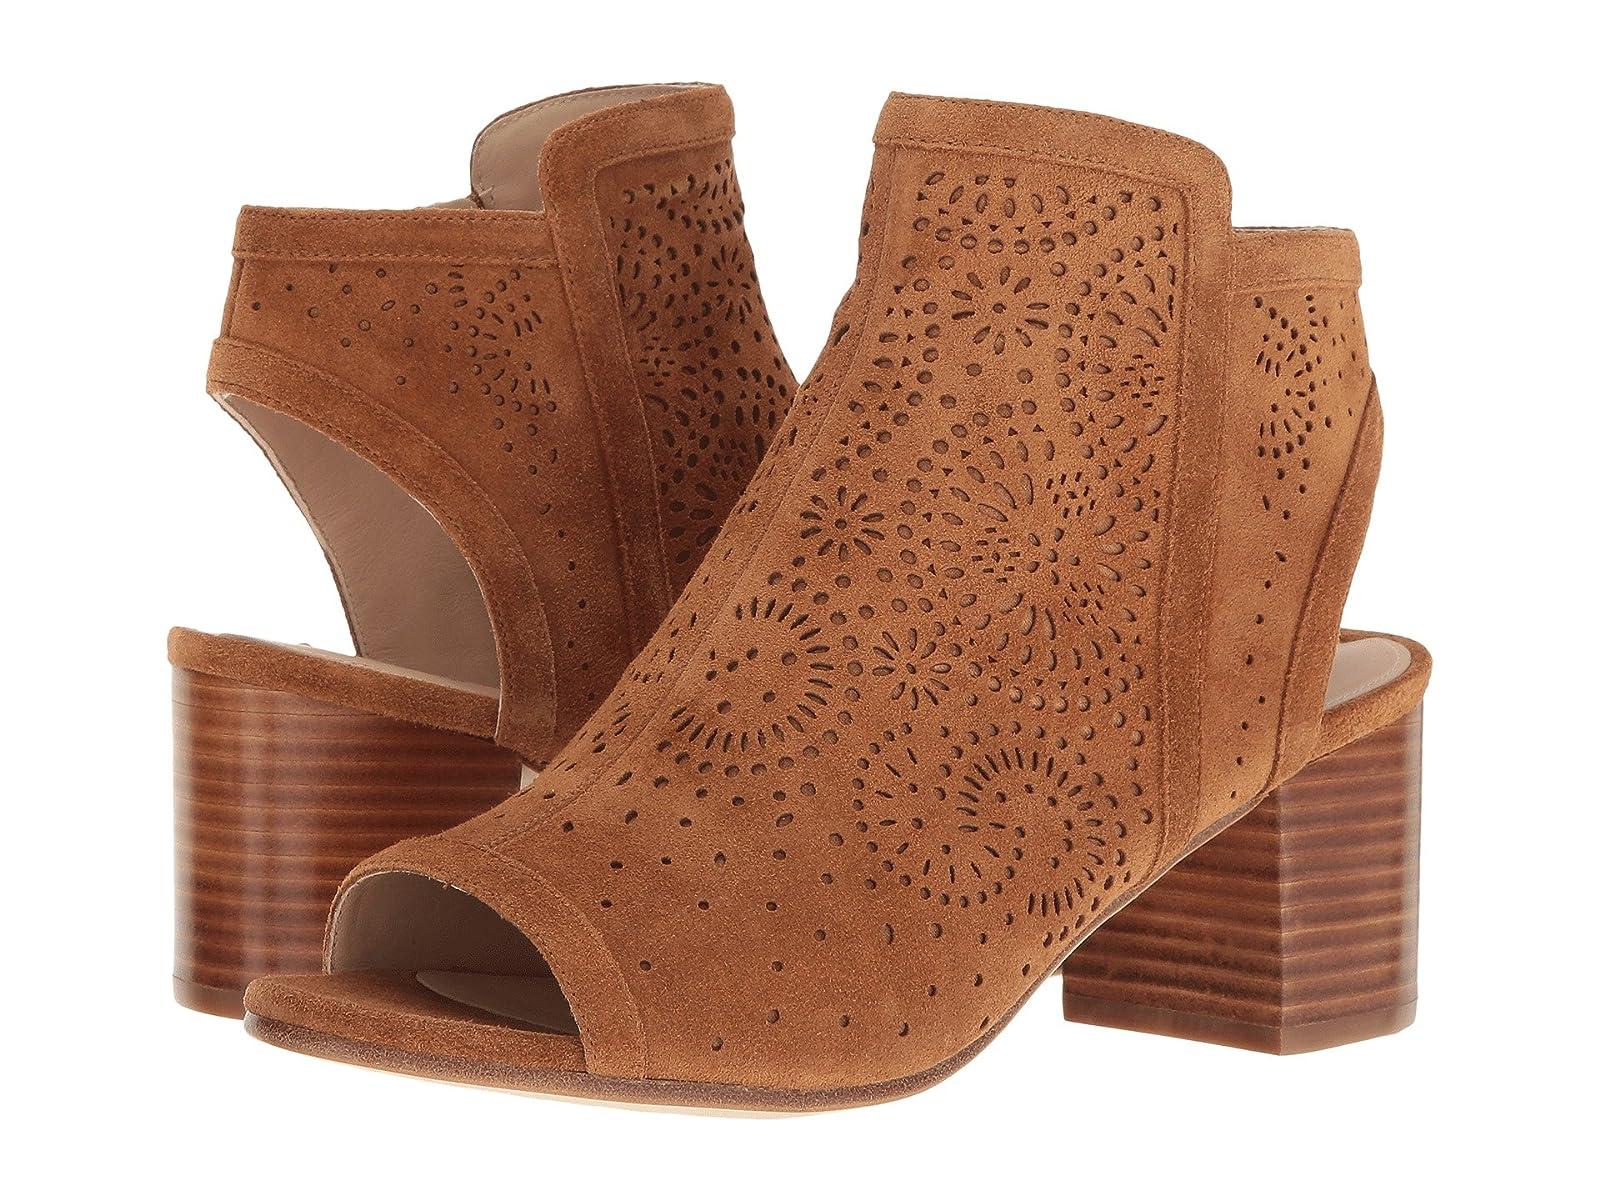 Via Spiga JorieCheap and distinctive eye-catching shoes